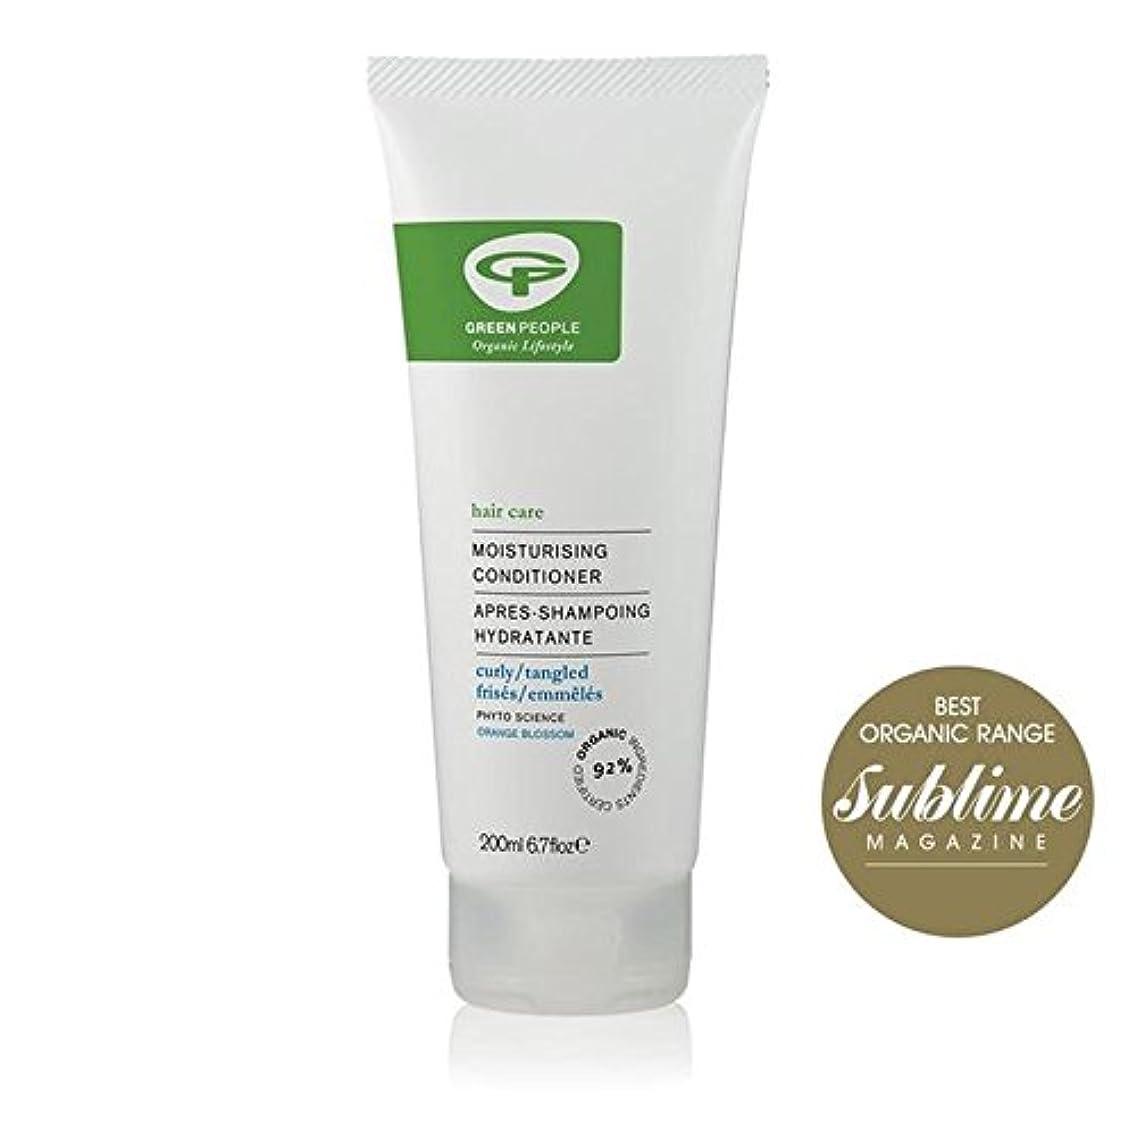 緑の人々の有機保湿コンディショナー200 x4 - Green People Organic Moisturising Conditioner 200ml (Pack of 4) [並行輸入品]